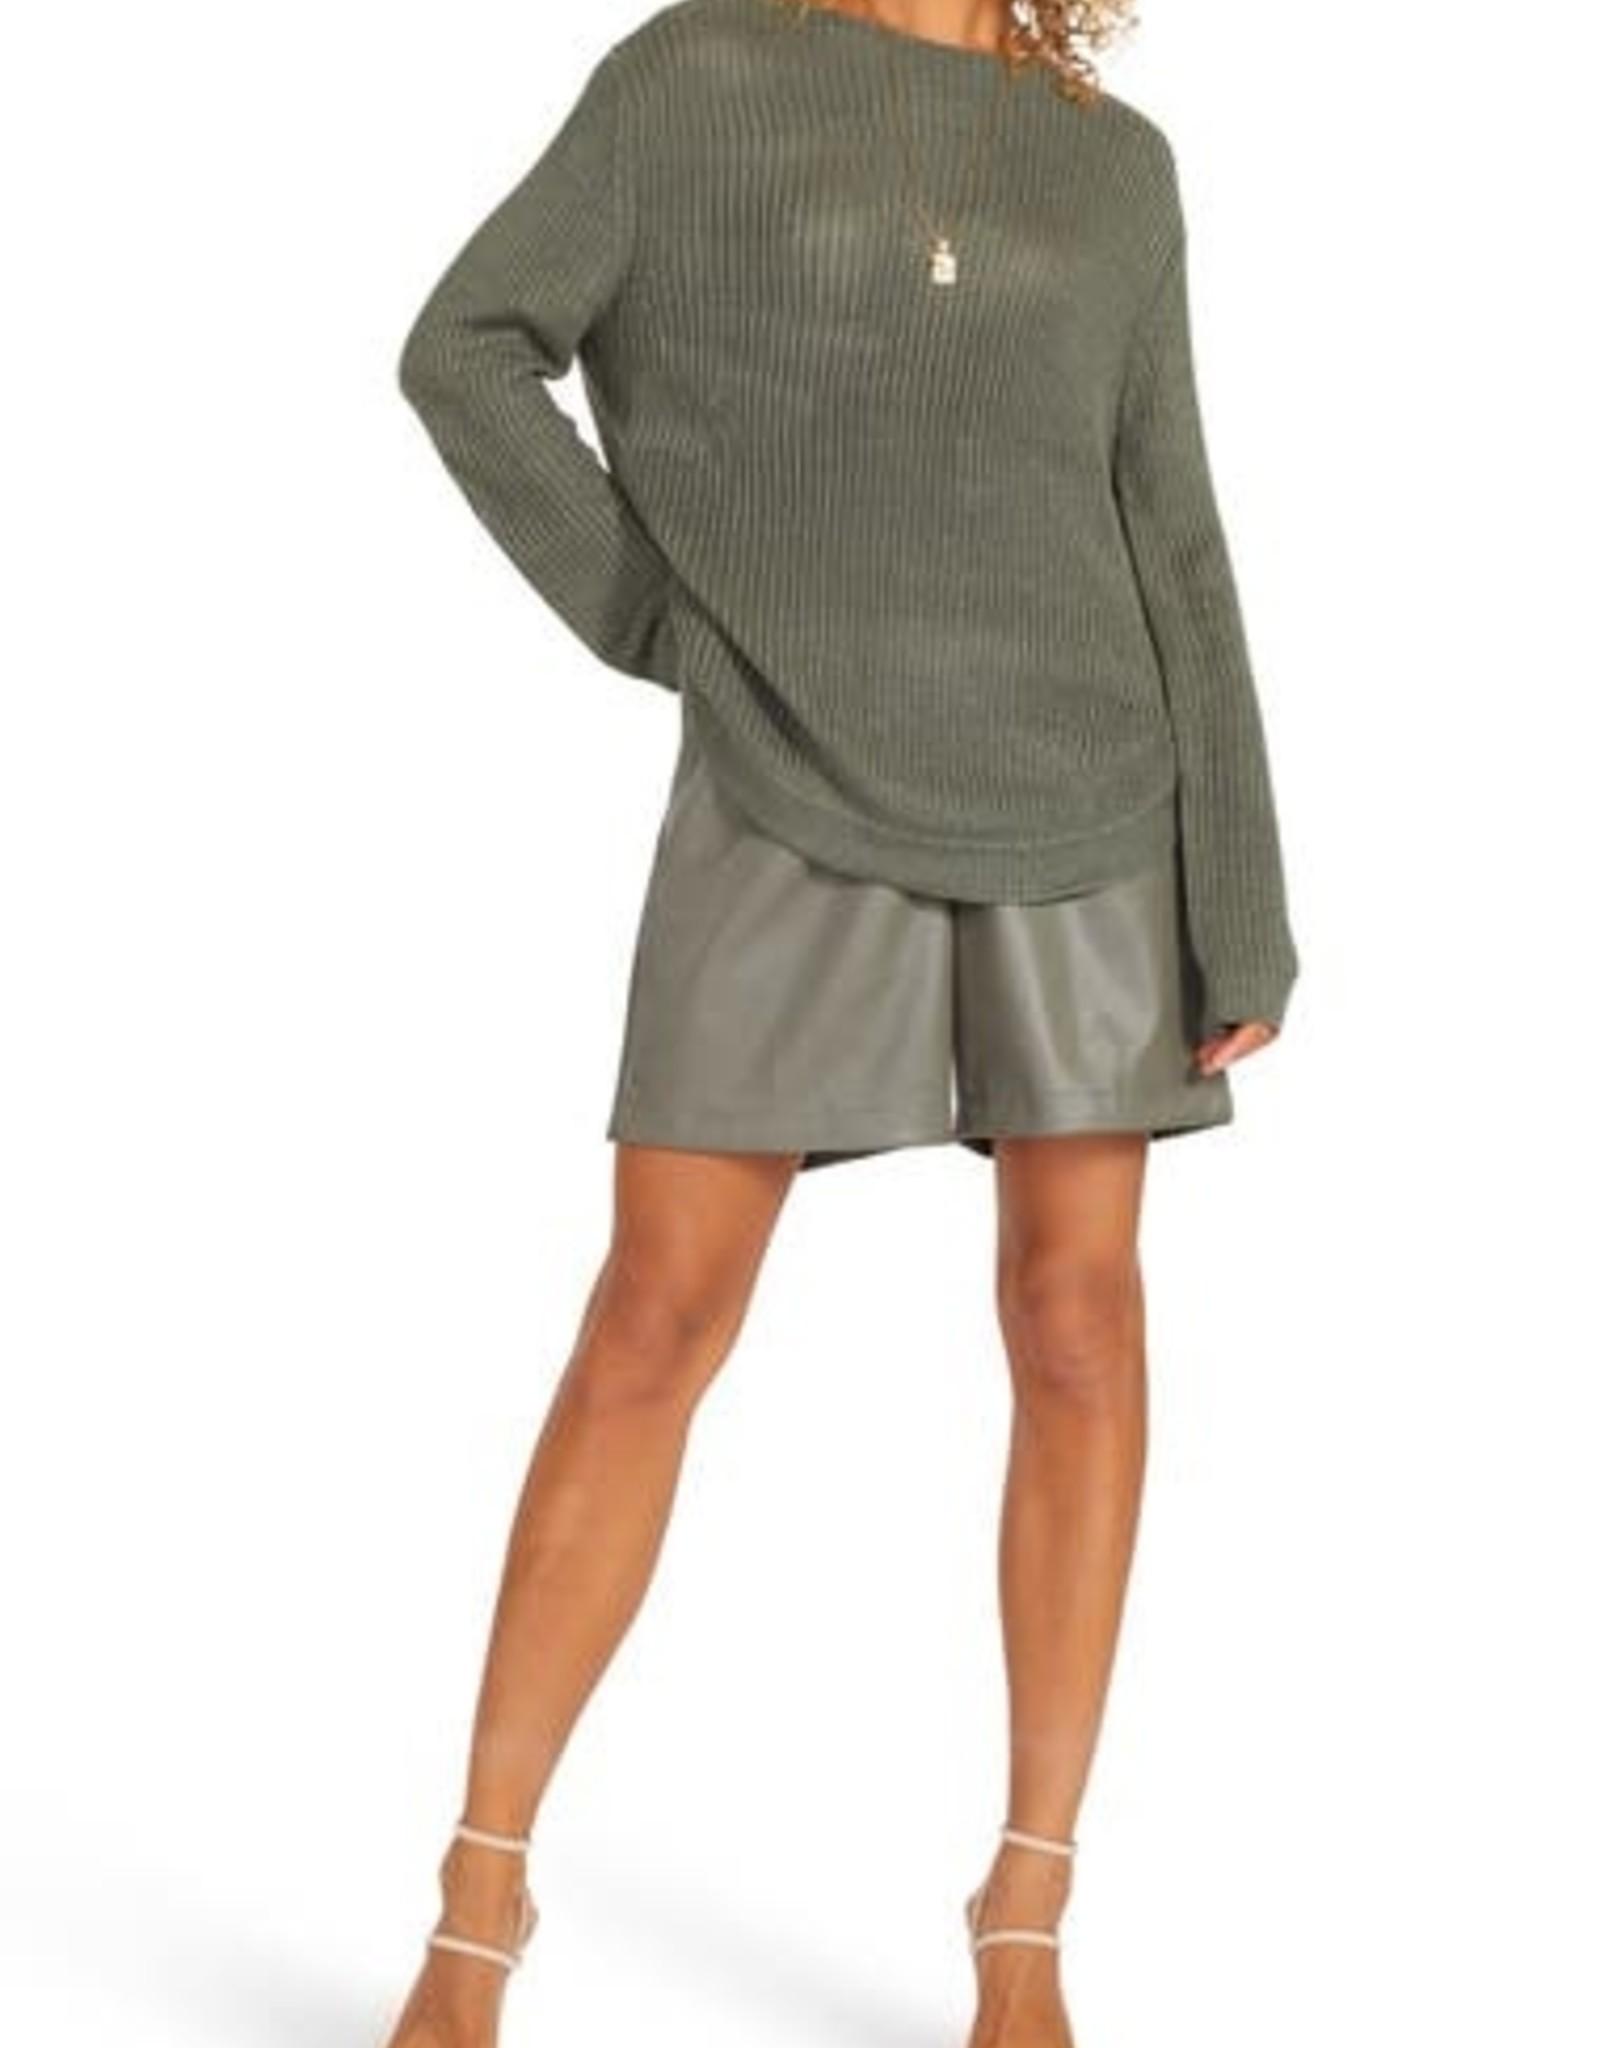 BB Dakota Knit's Amazing  Sweater